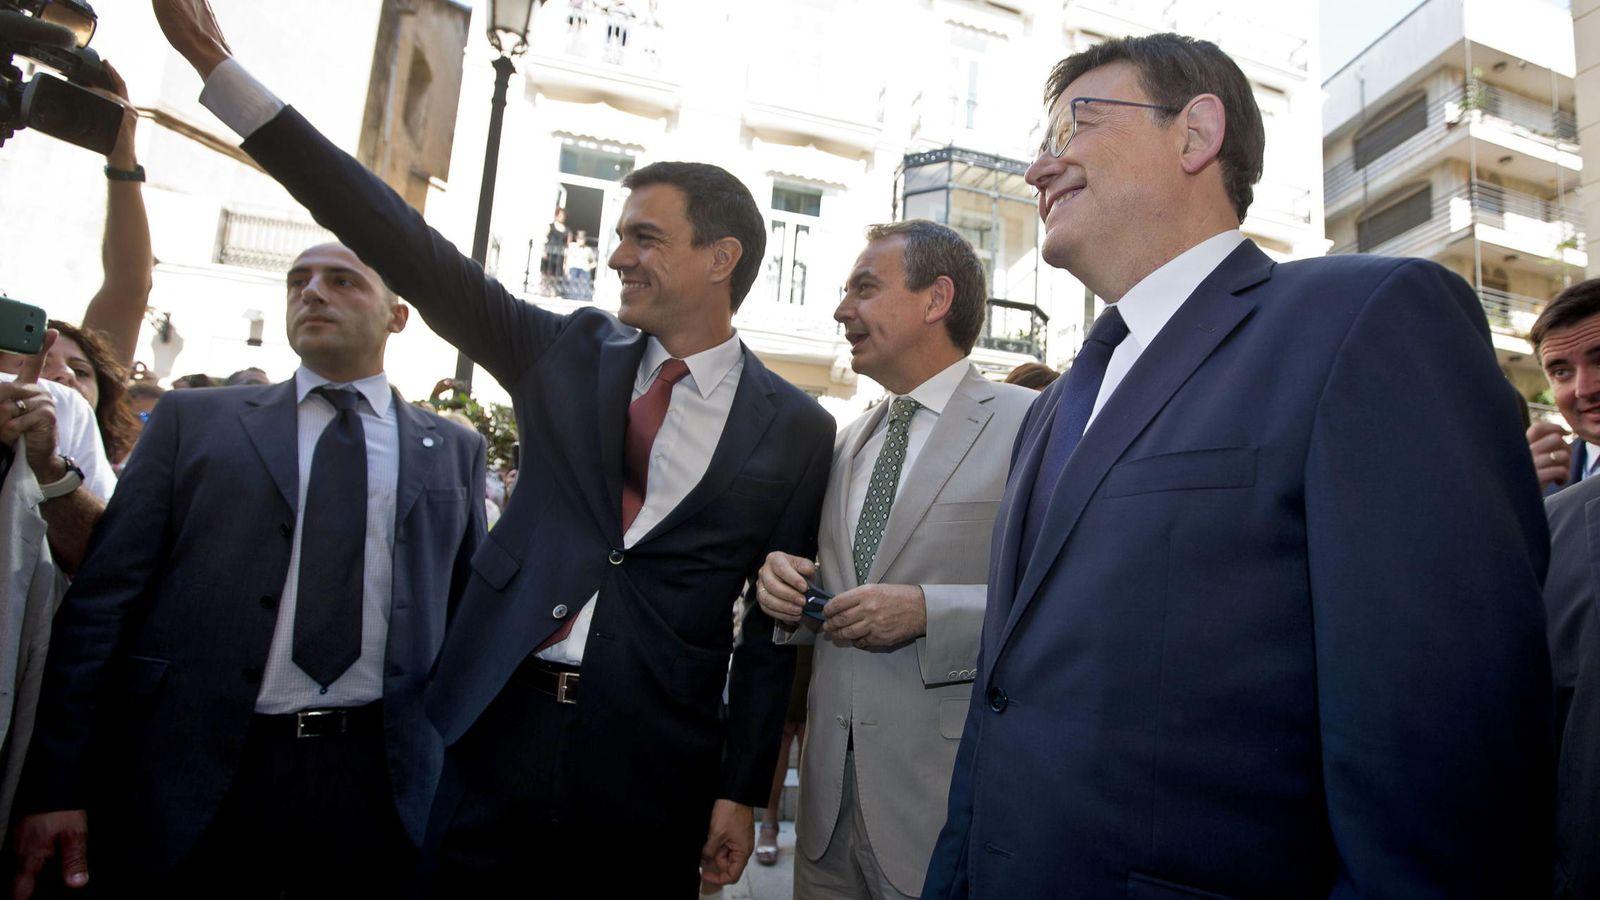 Foto: Ximo Puig, en su toma de posesión como presidente de la Generalitat Valenciana, acompañado por José Luis Rodríguez Zapatero y Pedro Sánchez. (EFE)